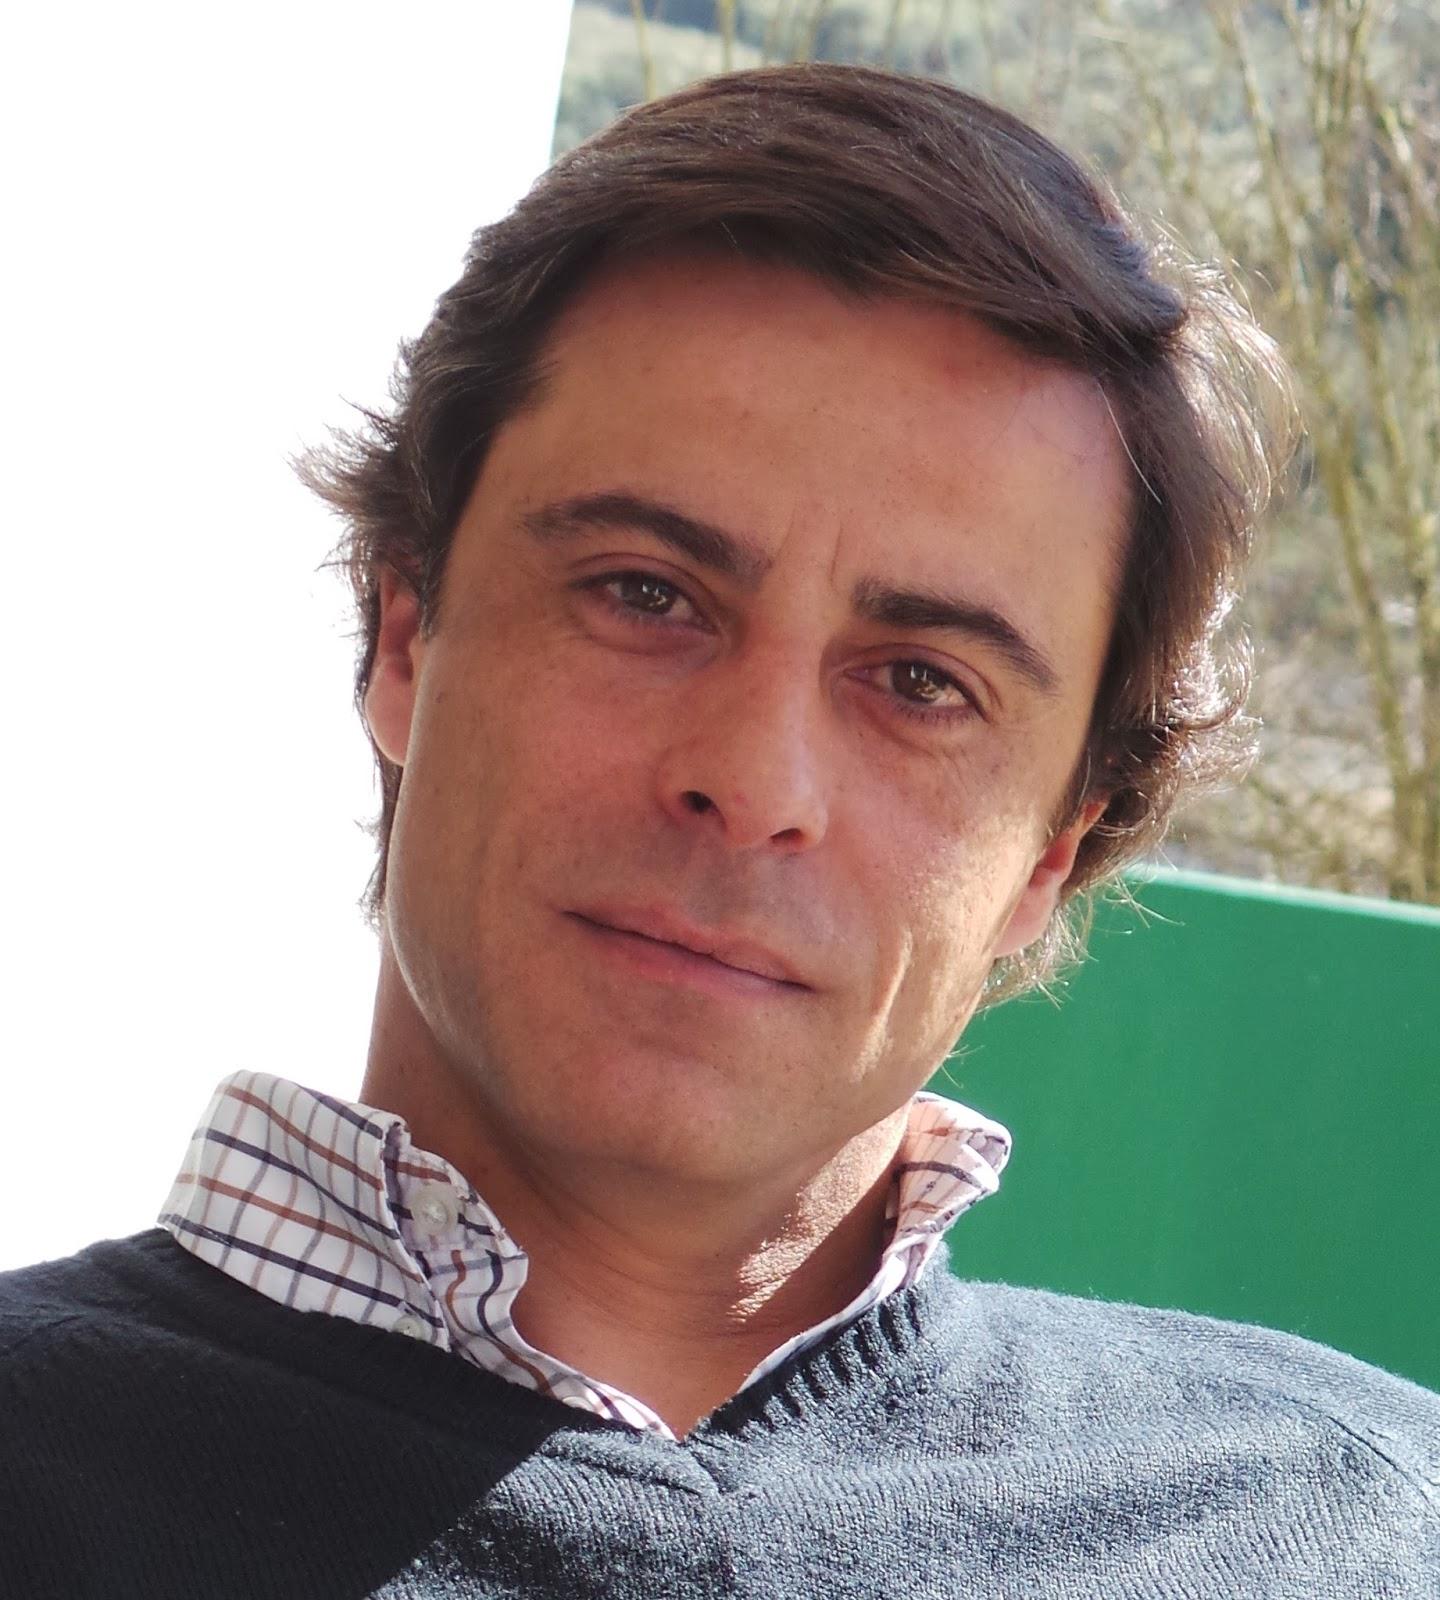 Joanne Quintas (b. 1976)